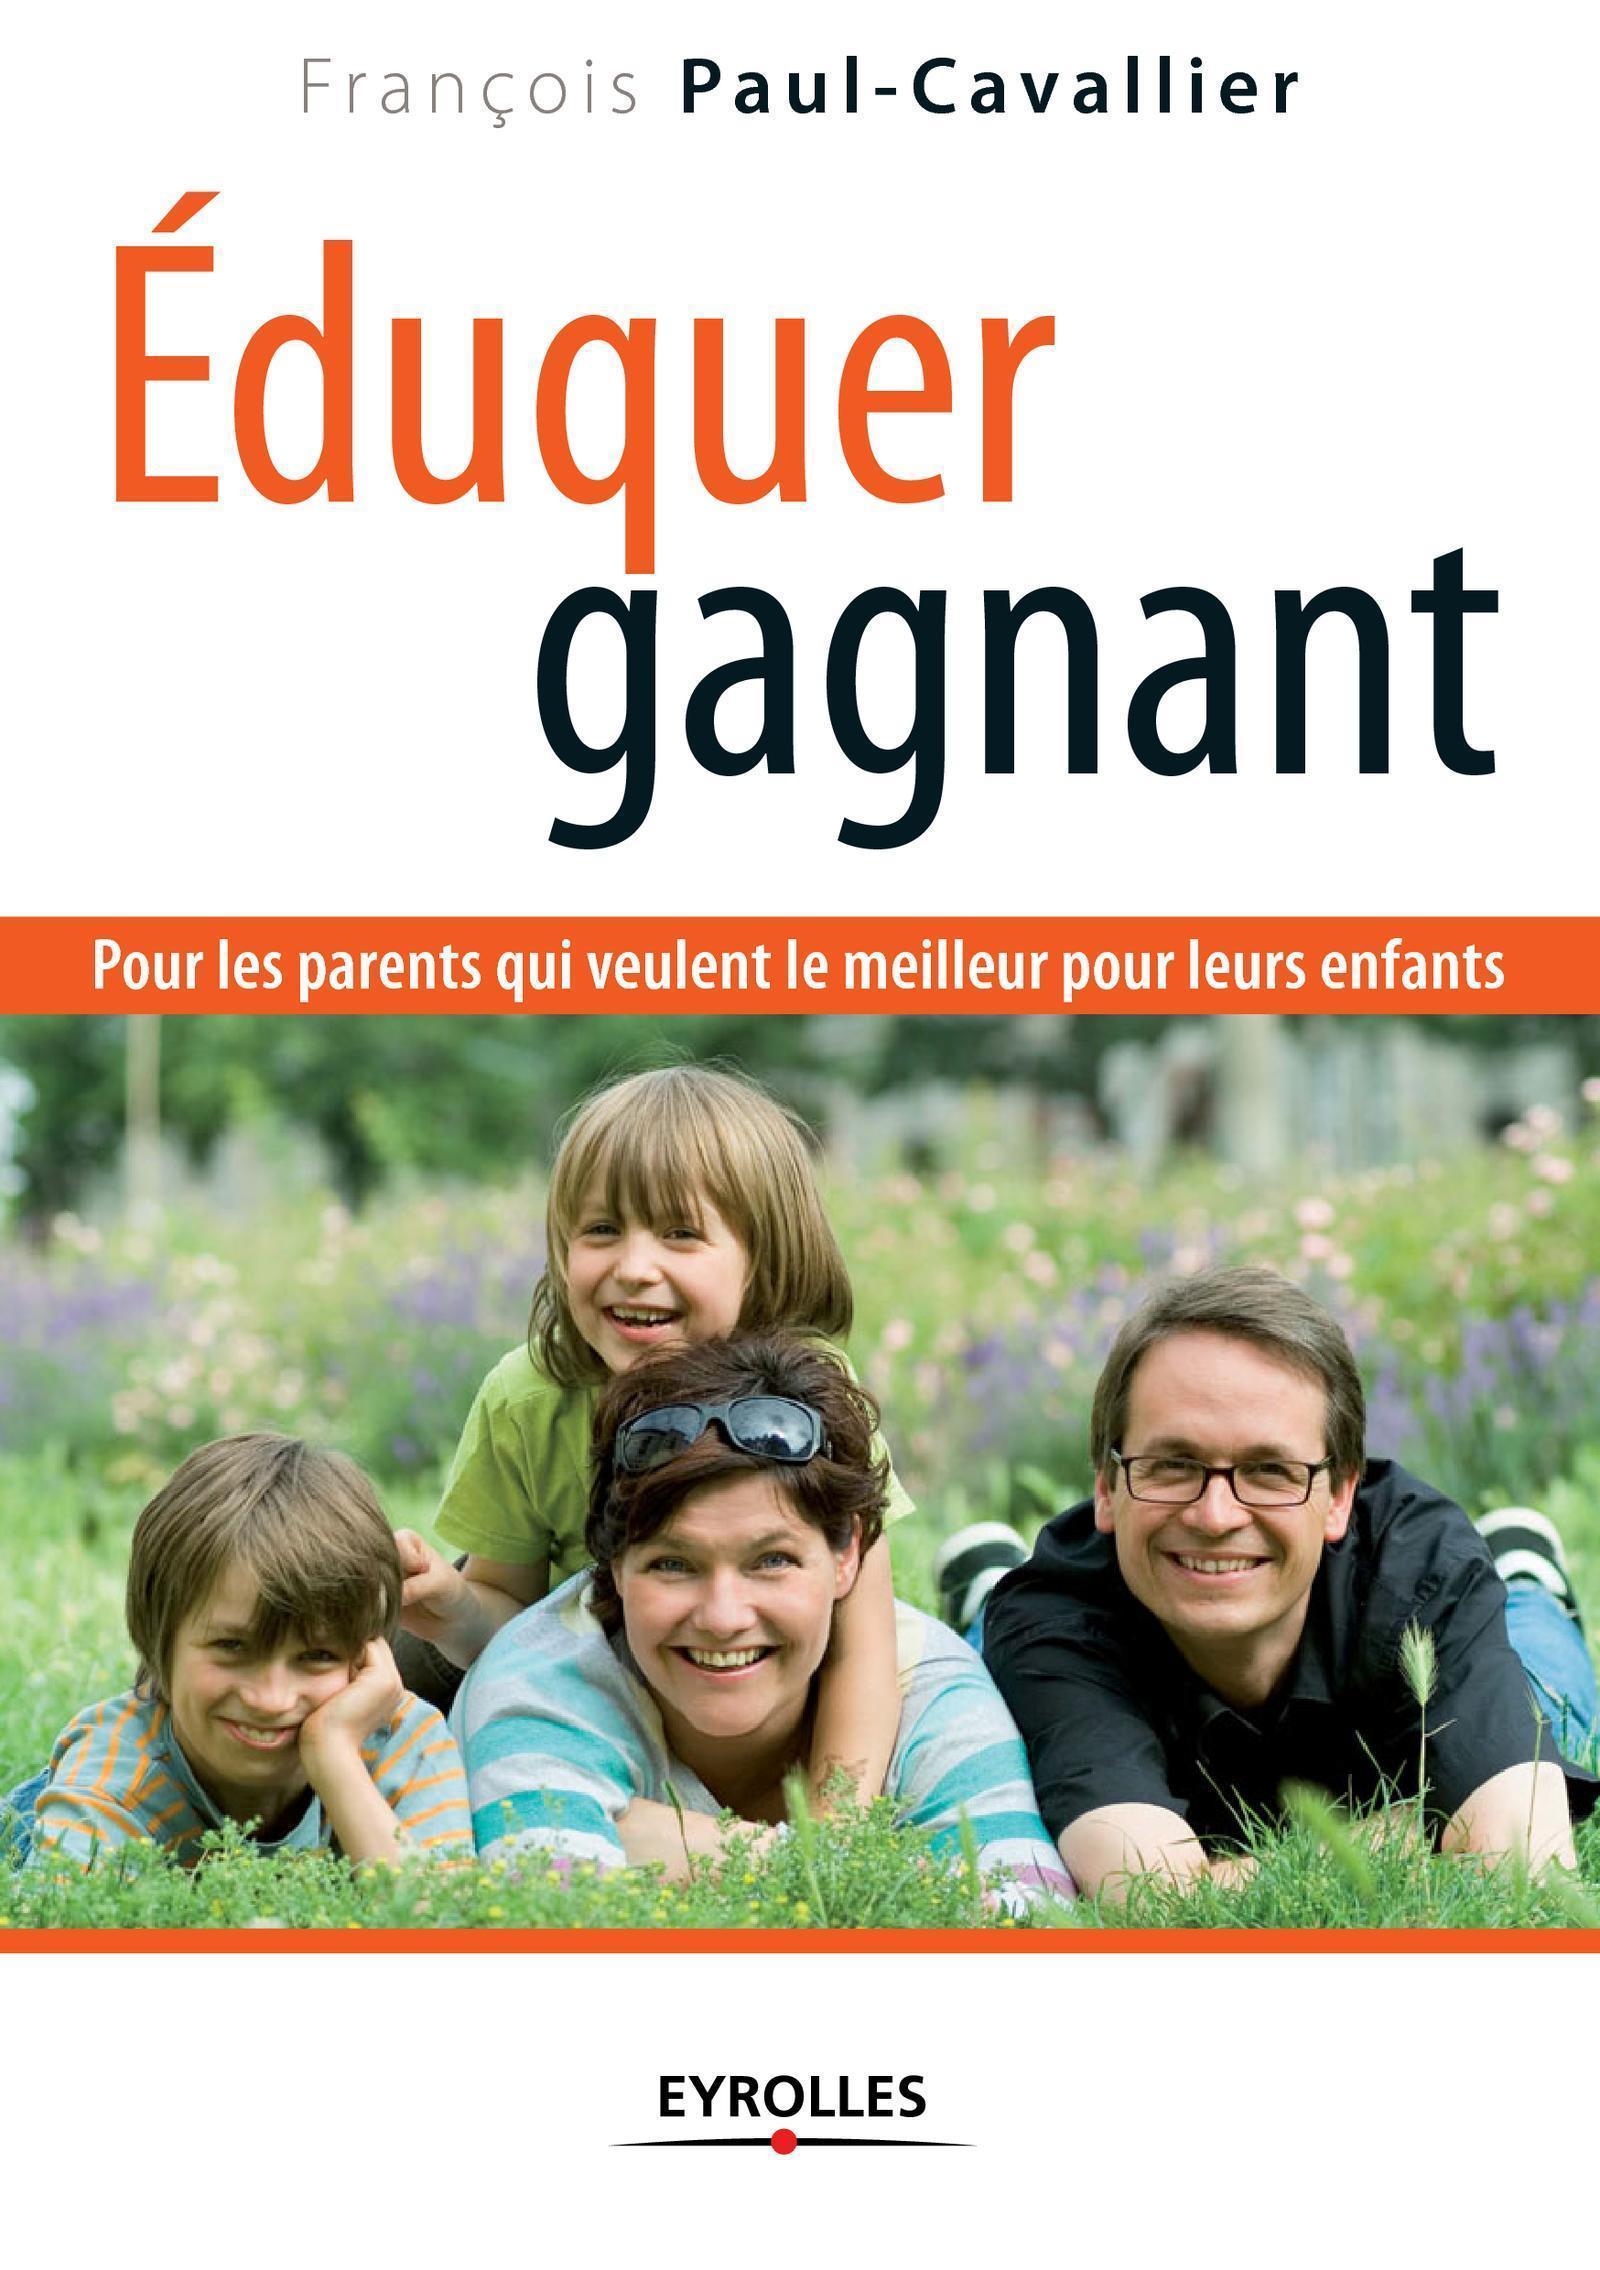 EDUQUER GAGNANT POUR LES PARENTS QUI VEULENT LE MEILLEUR POUR LEURS ENFANTS